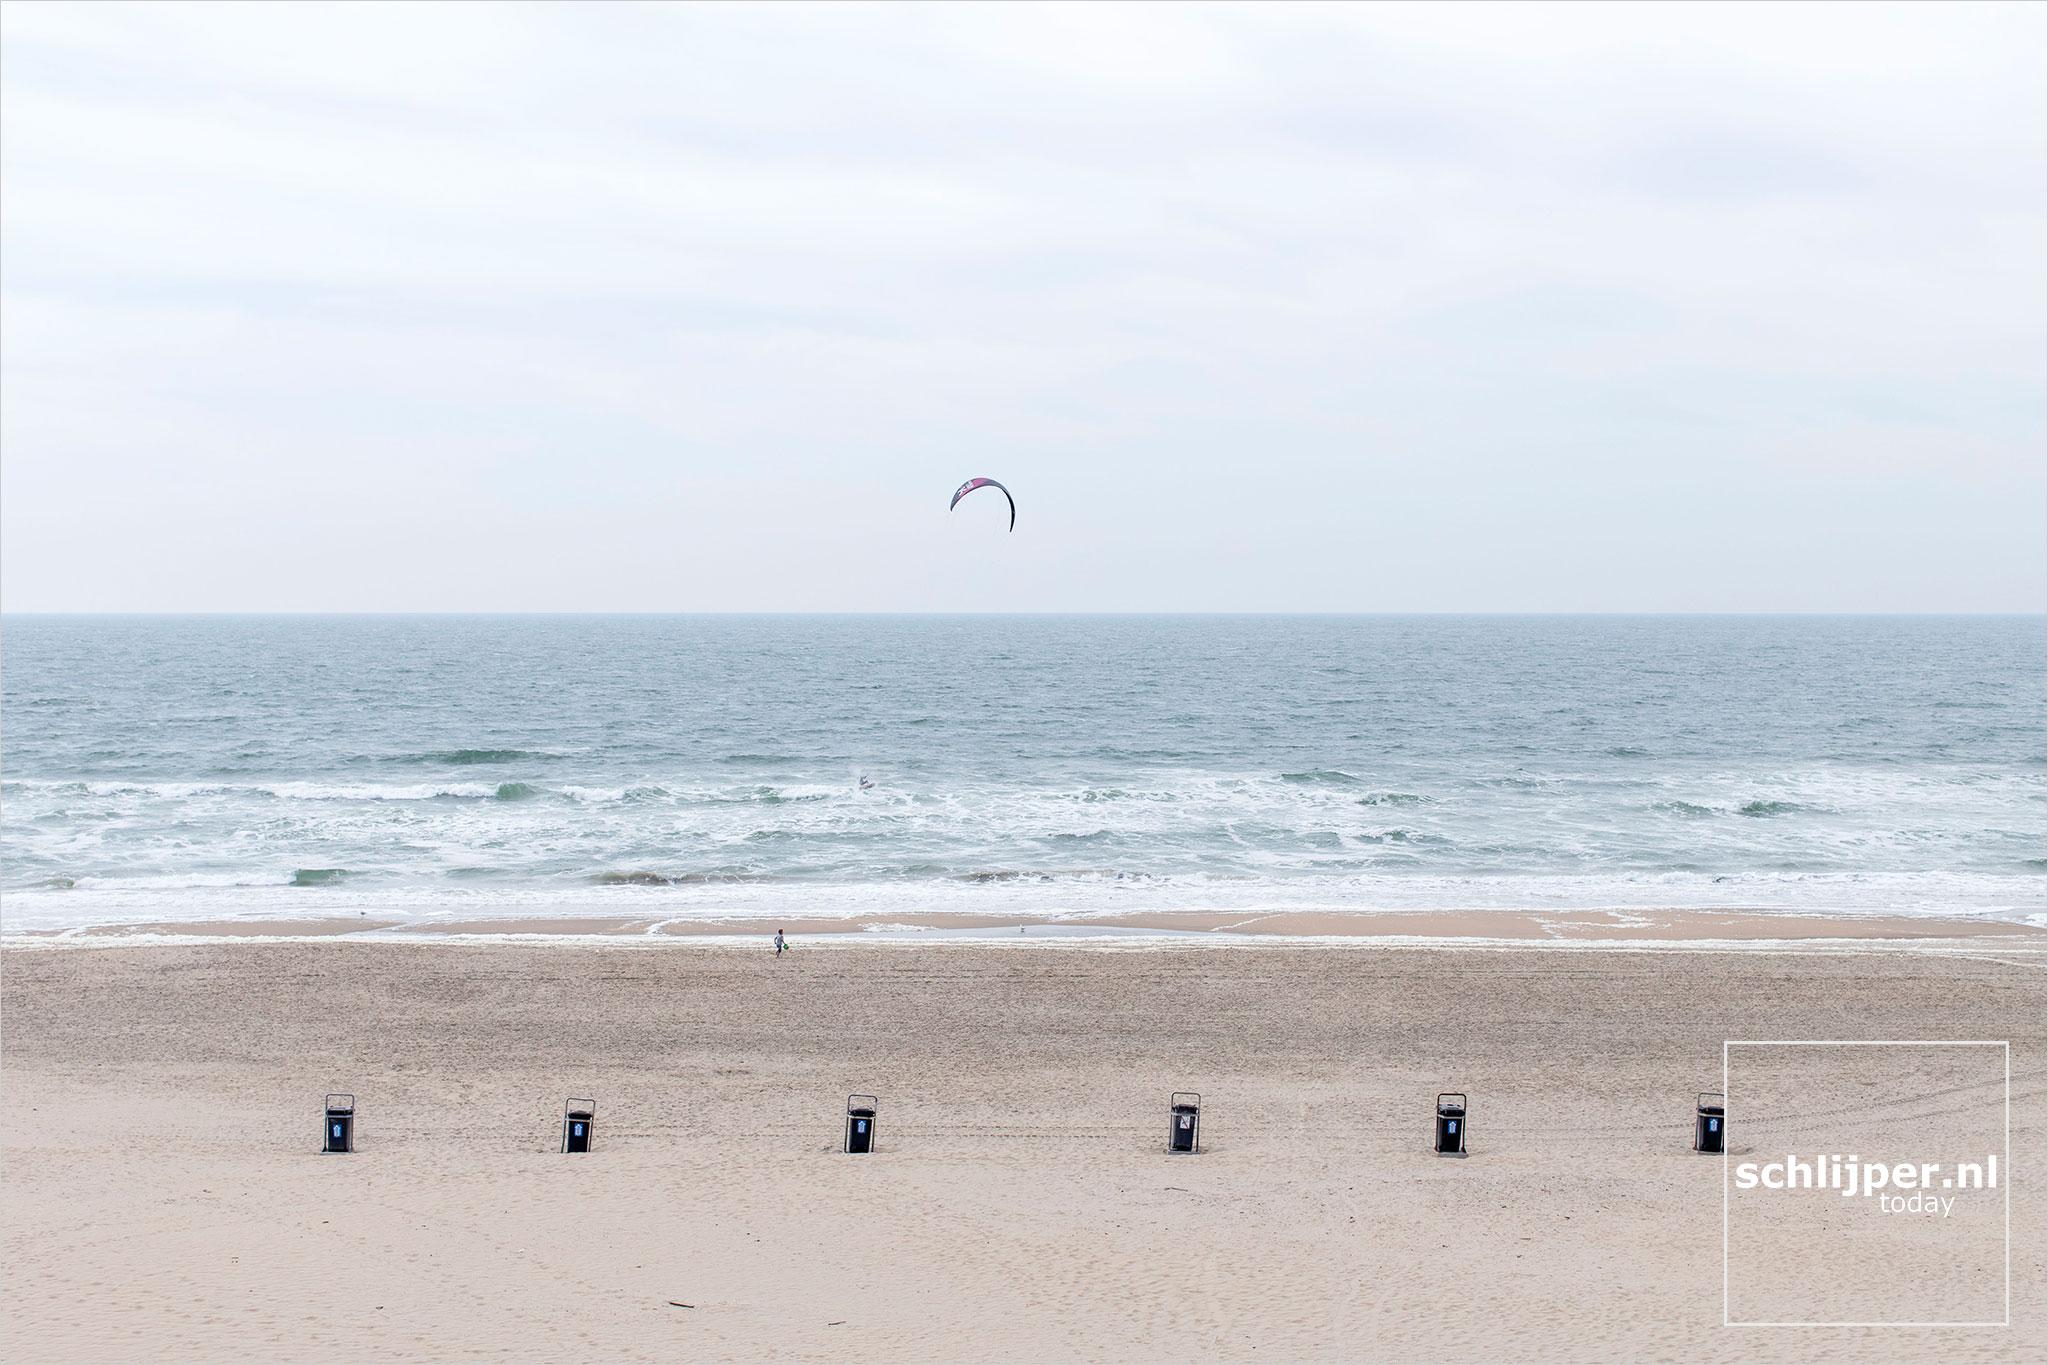 Nederland, Zandvoort, 18 mei 2020